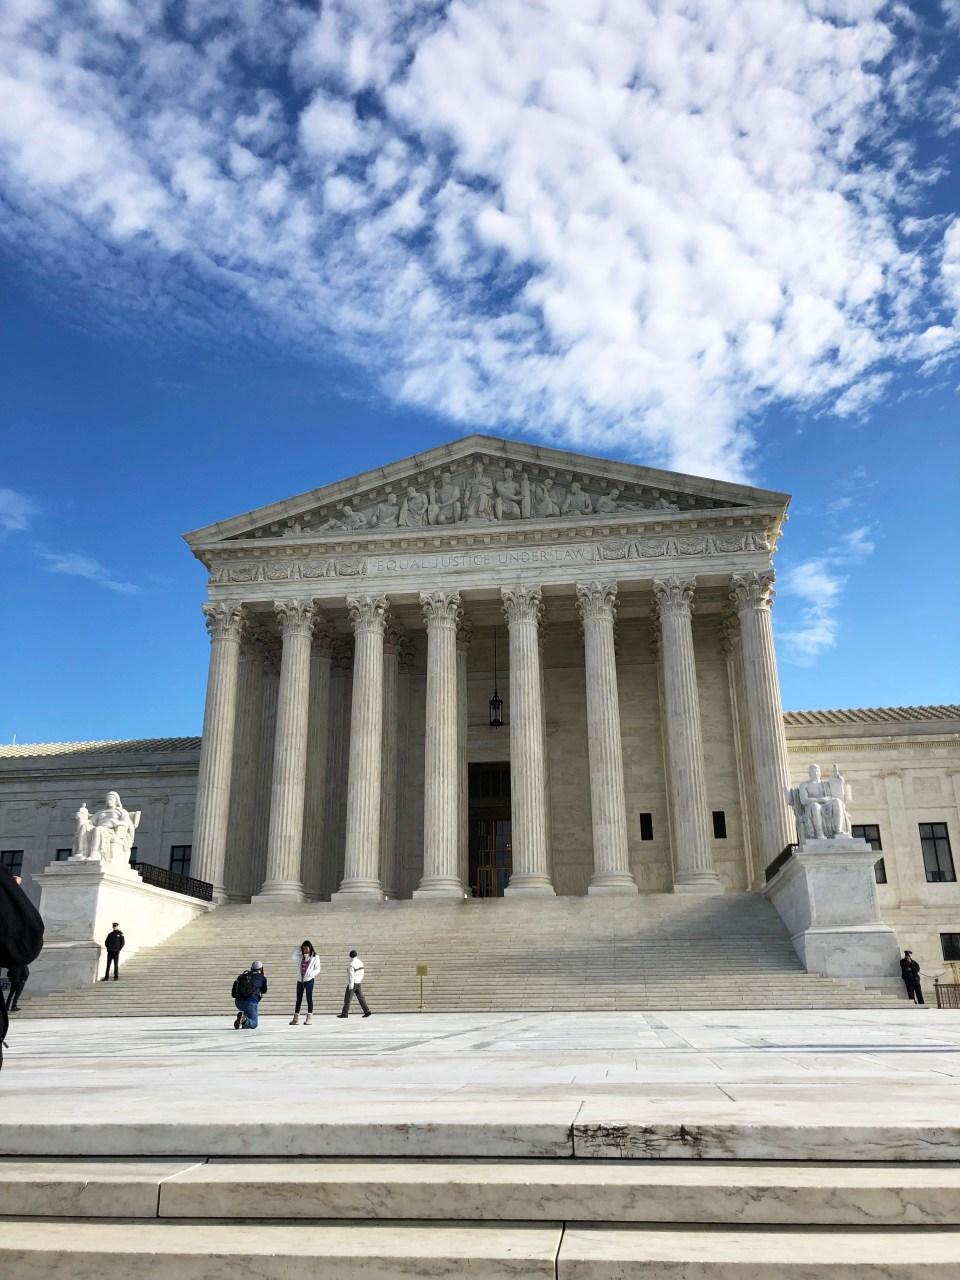 Washington DC - Supreme Court Building 1